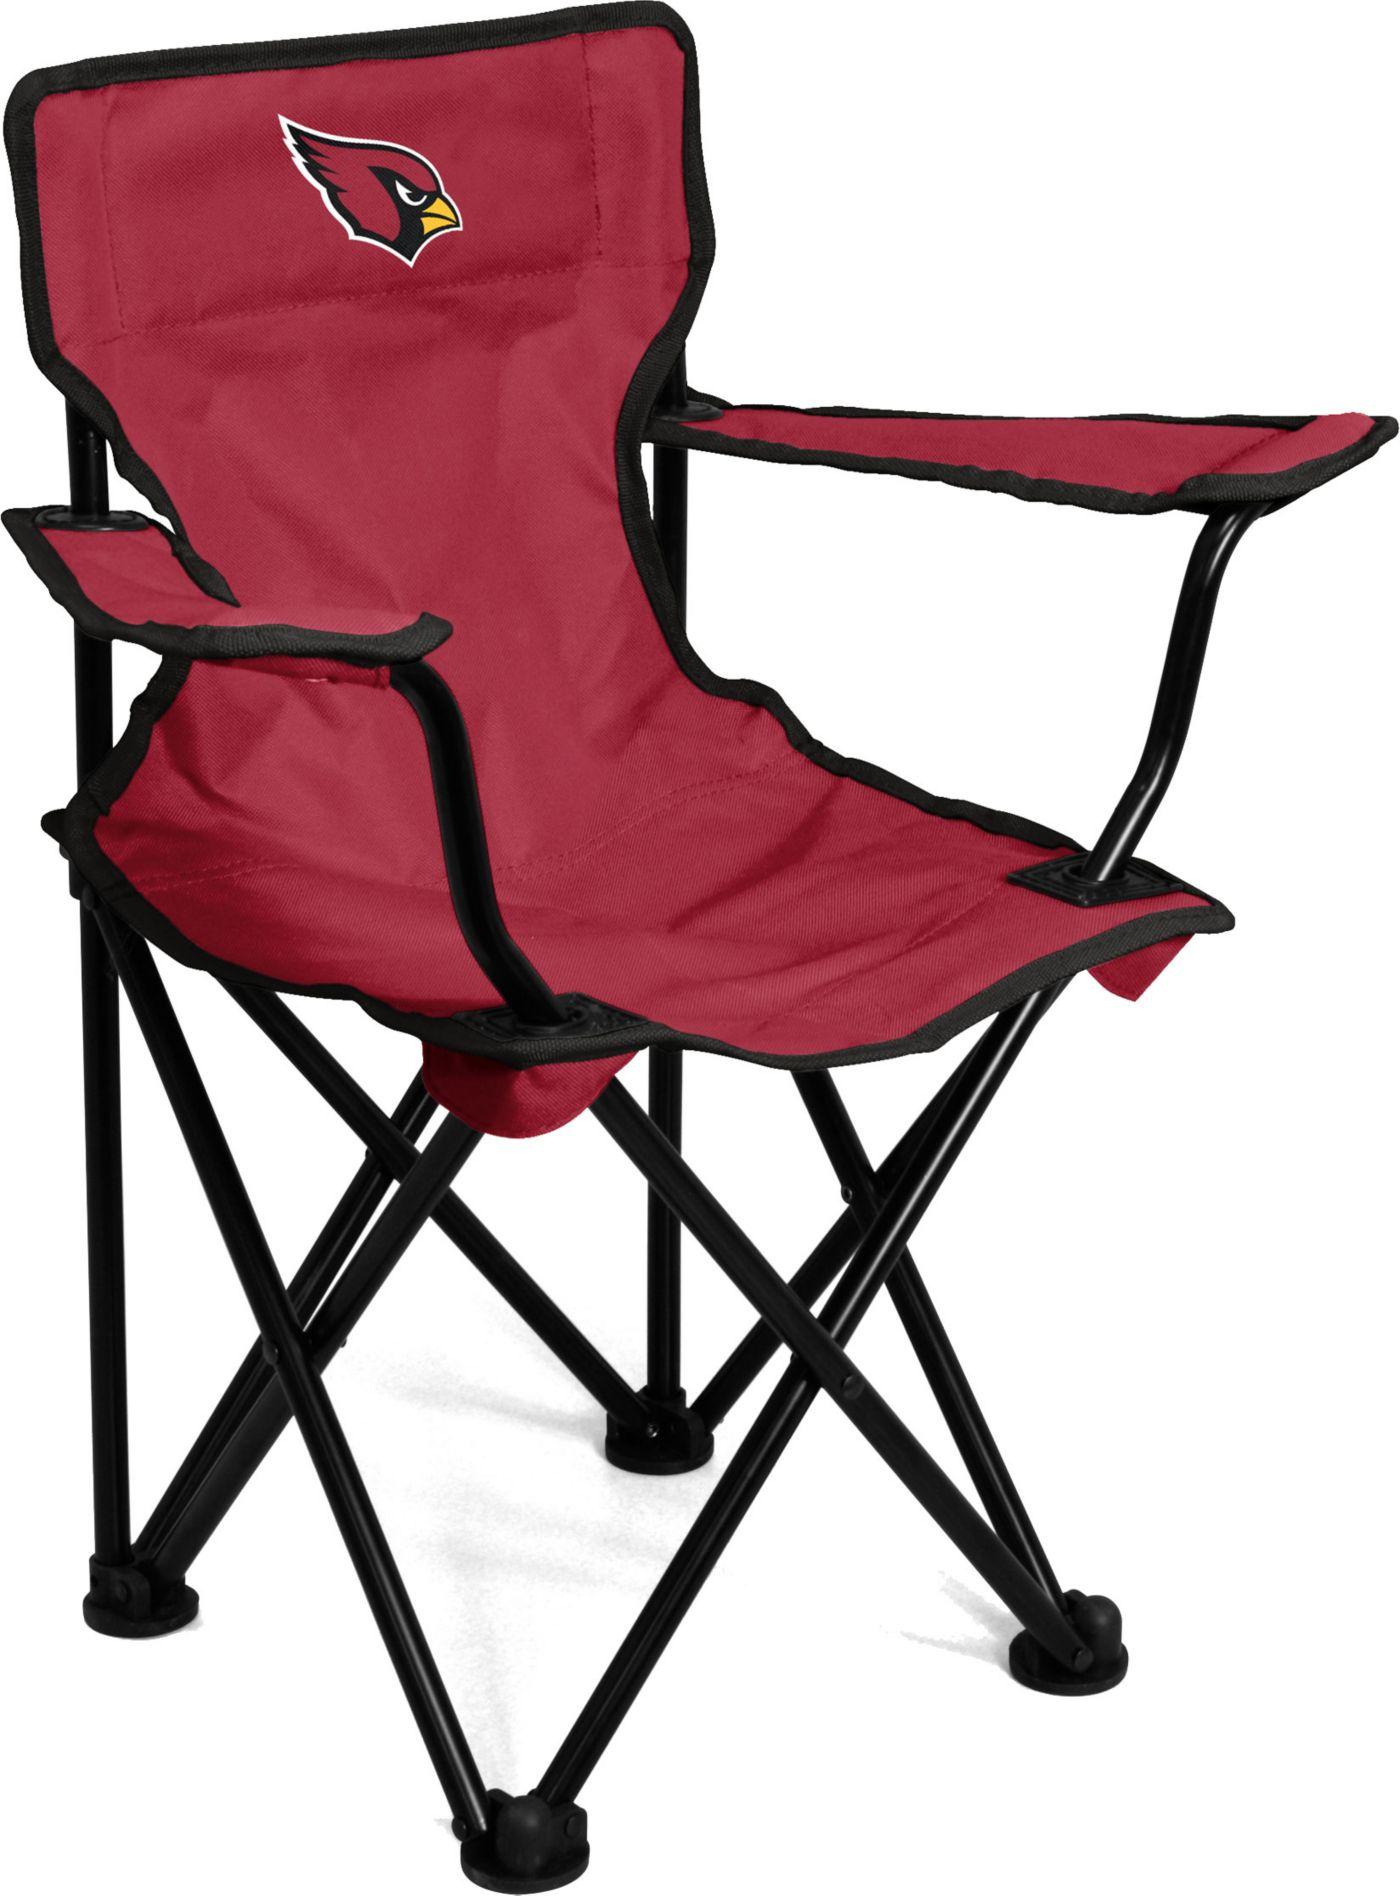 Arizona Cardinals Toddler Chair